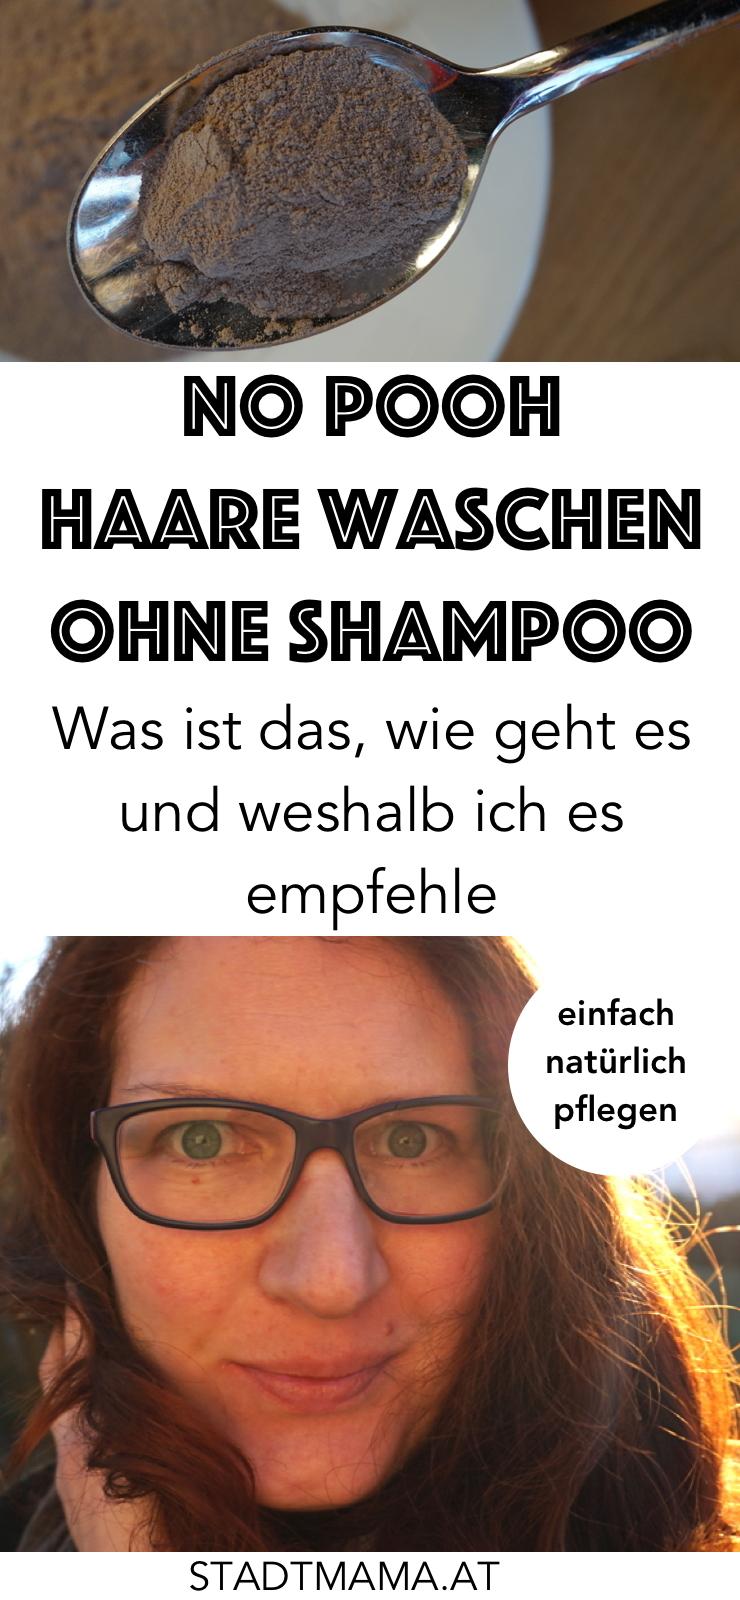 Deshalb solltet ihr Haare Waschen ohne Shampoo empfehlen. + Anleitung und EInführung: Wie funktioniert No Pooh